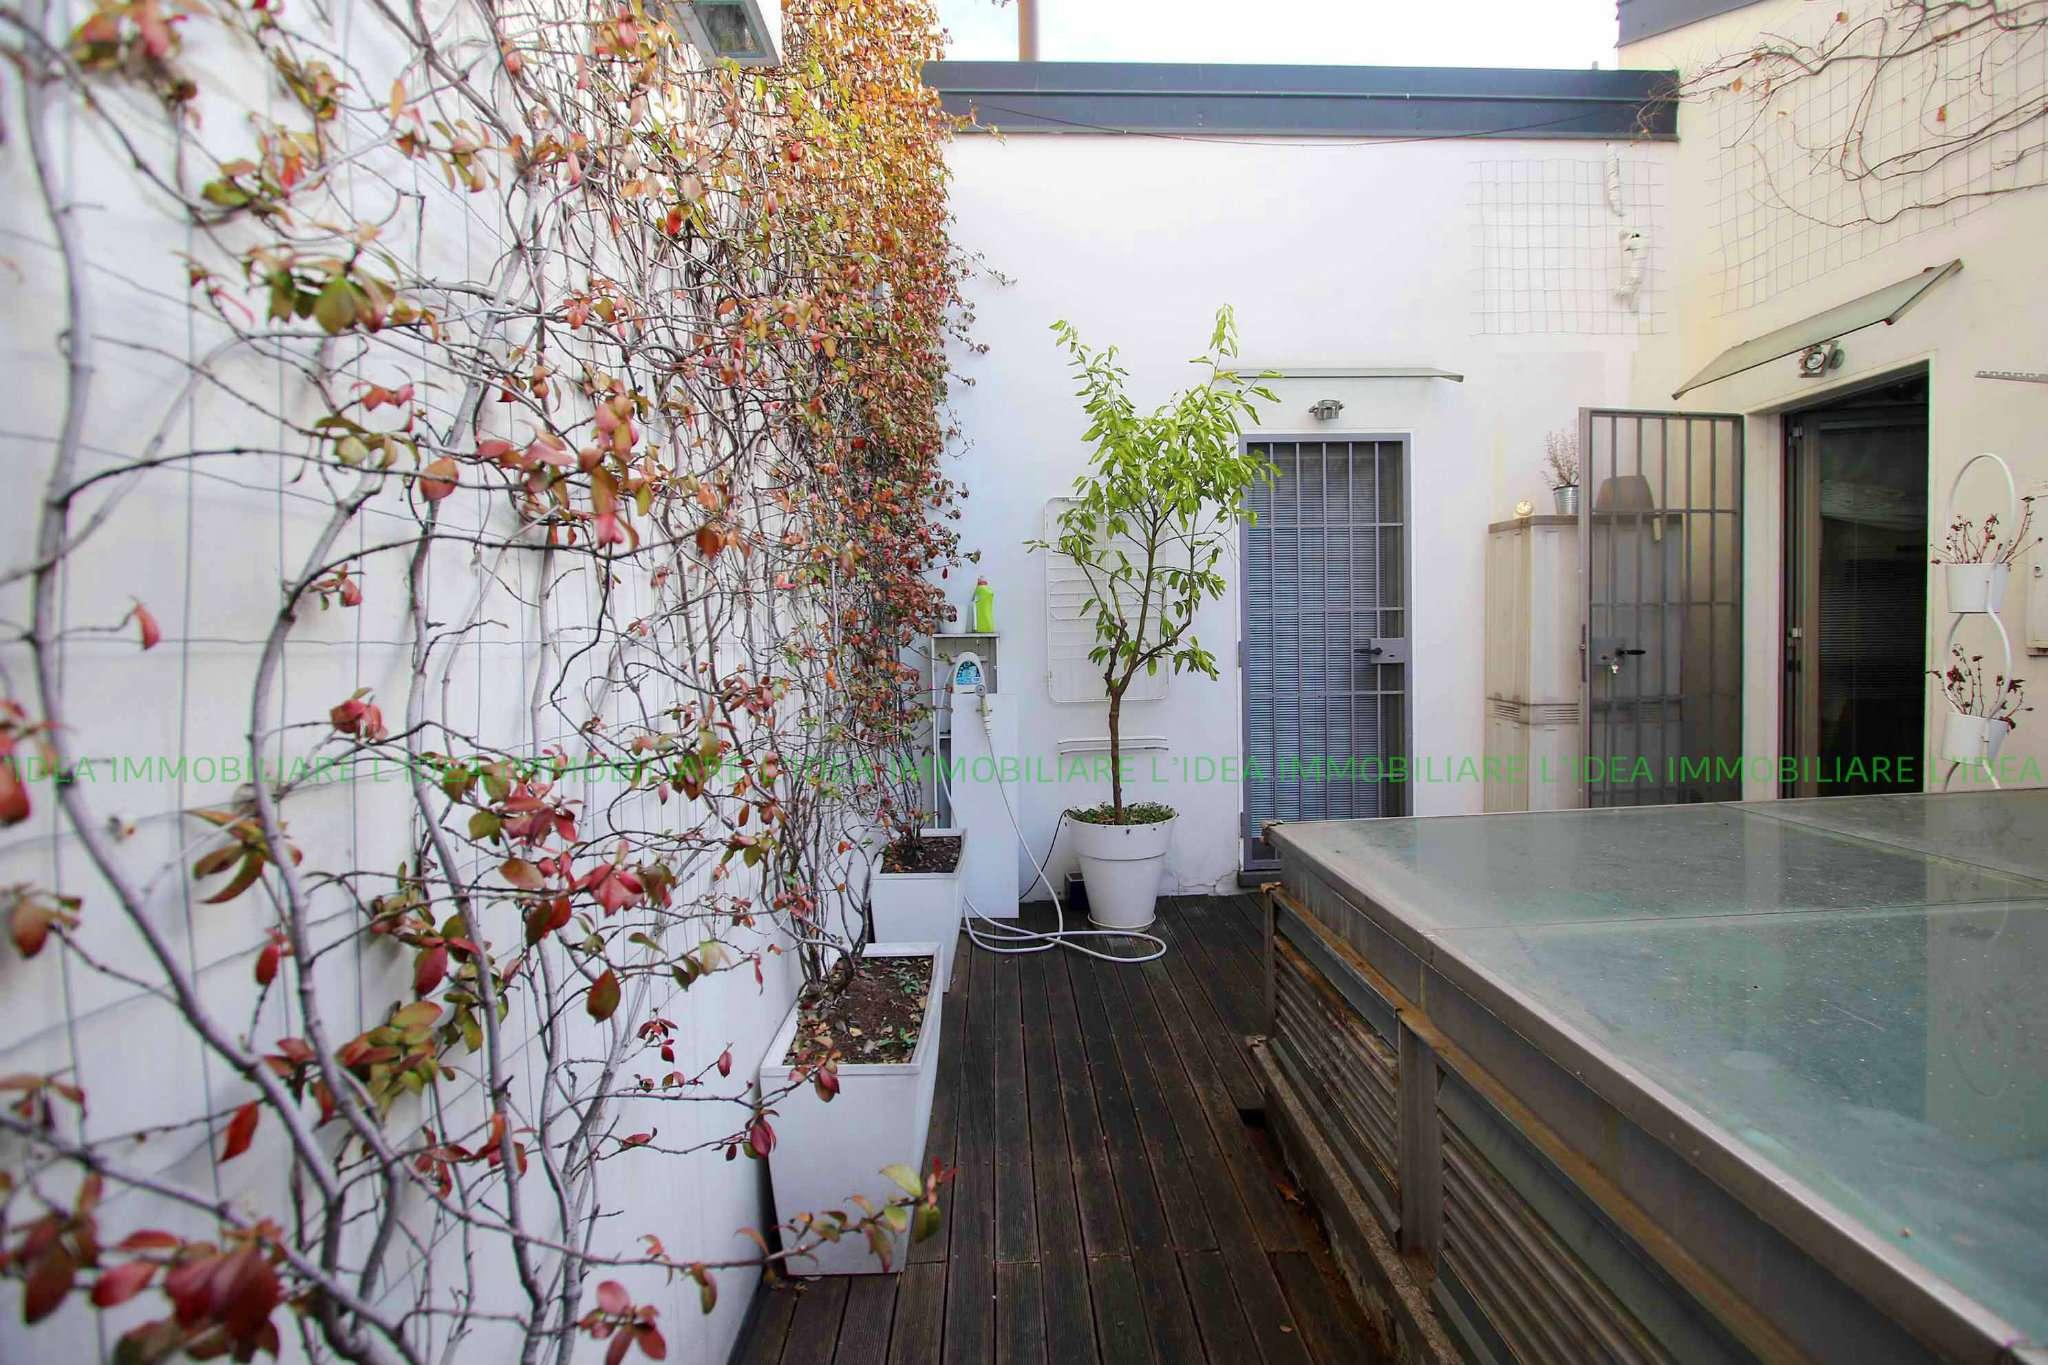 Appartamento in Vendita a Milano 03 Venezia / Piave / Buenos Aires: 4 locali, 180 mq